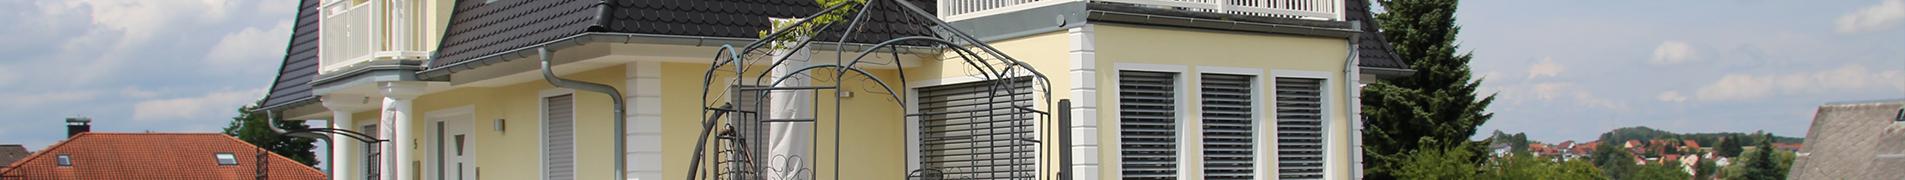 wagner-wohnhausbau-titelbild